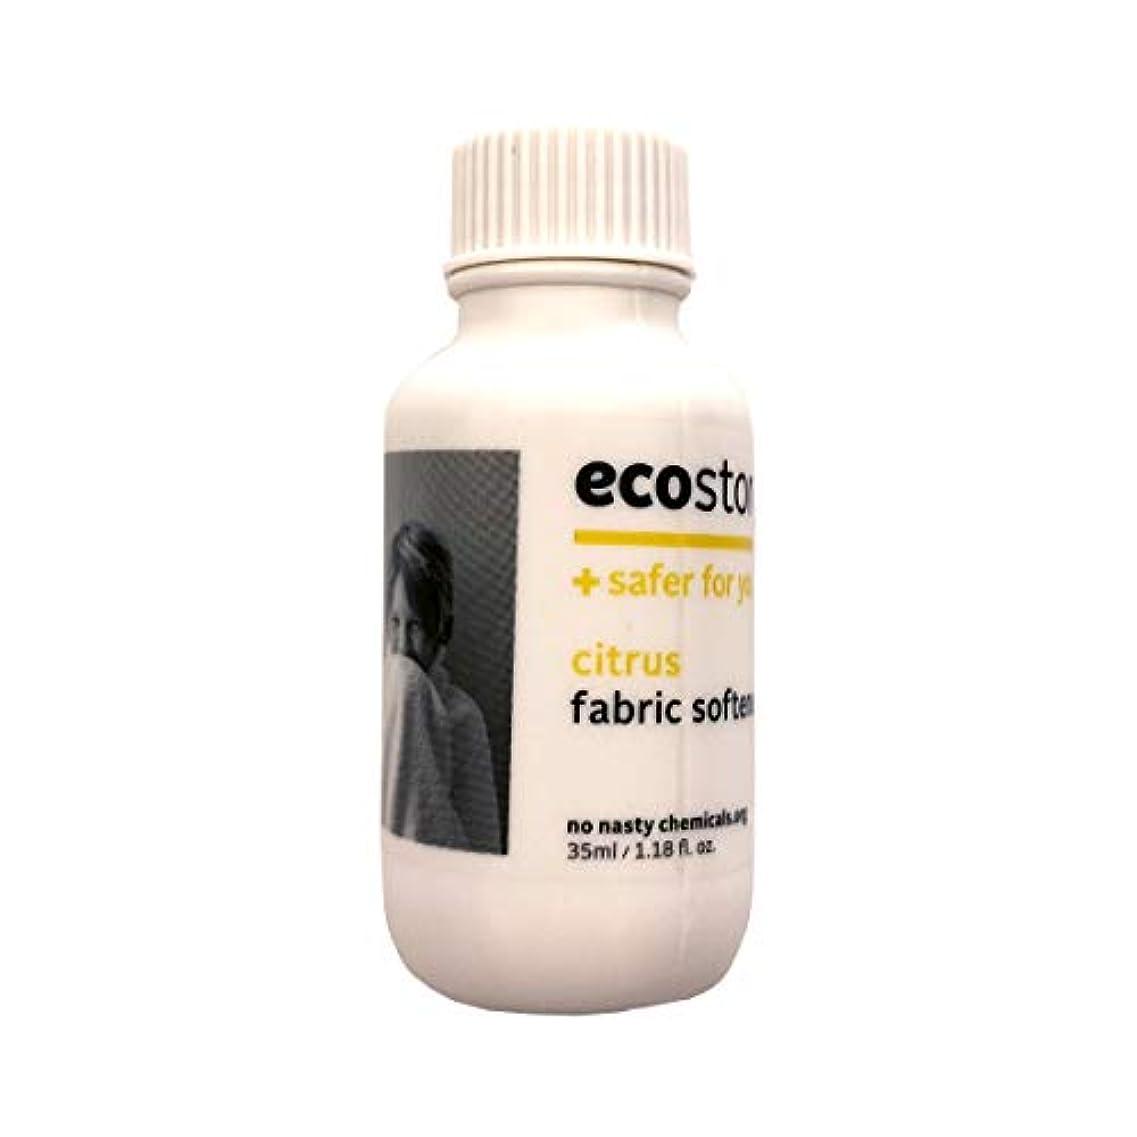 可能性小石空ecostore(エコストア) ファブリックソフナー  シトラス 35ml 柔軟仕上げ剤 実質無料サンプルストア対象